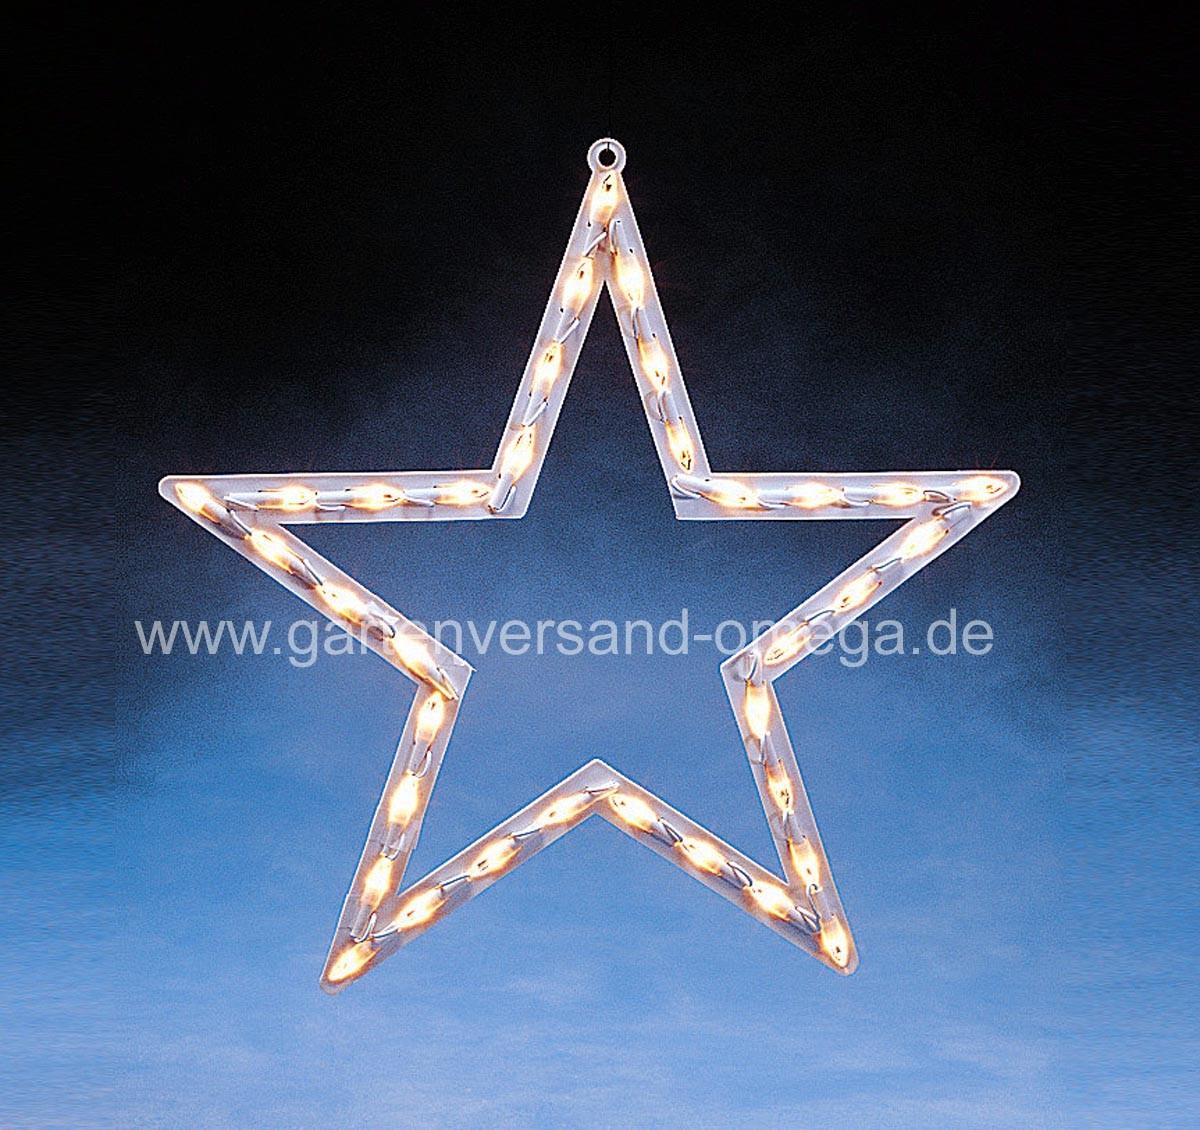 Weihnachtliche fensterbilder fensterdekoration for Stern beleuchtet weihnachten